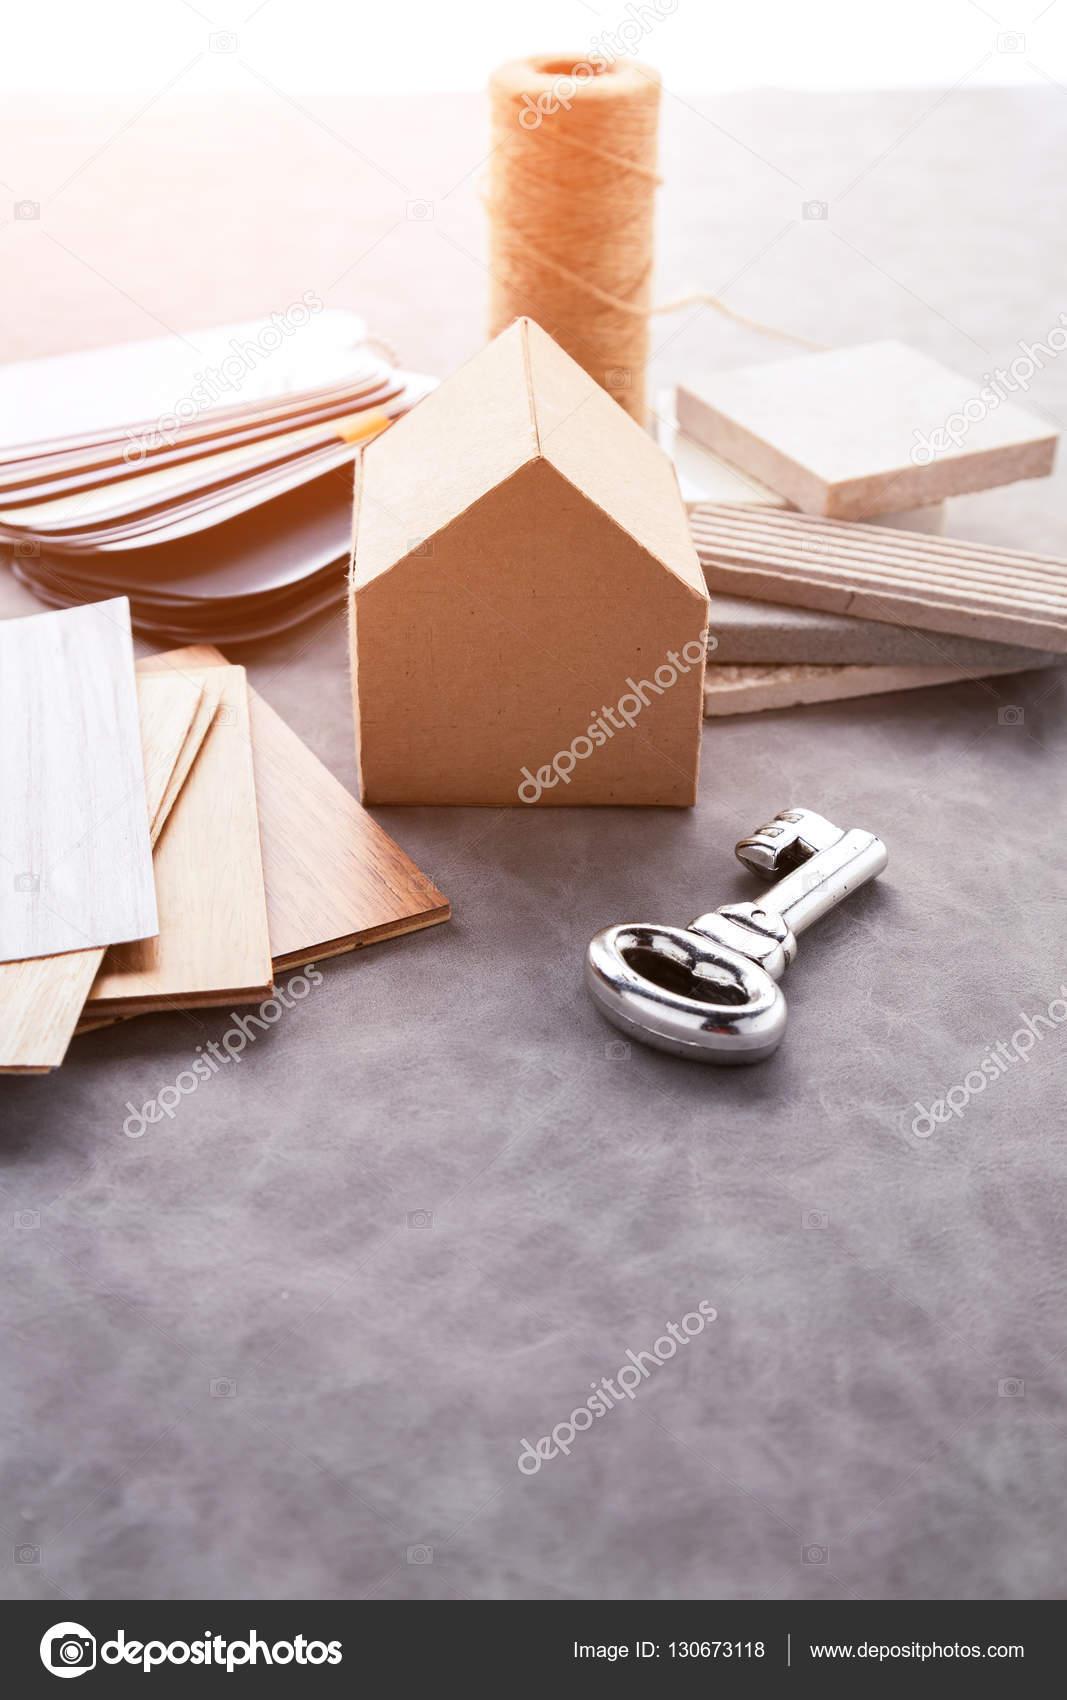 Haus-Design-Konzept mit Haus-Papier-Mock-up-Modell und material ...